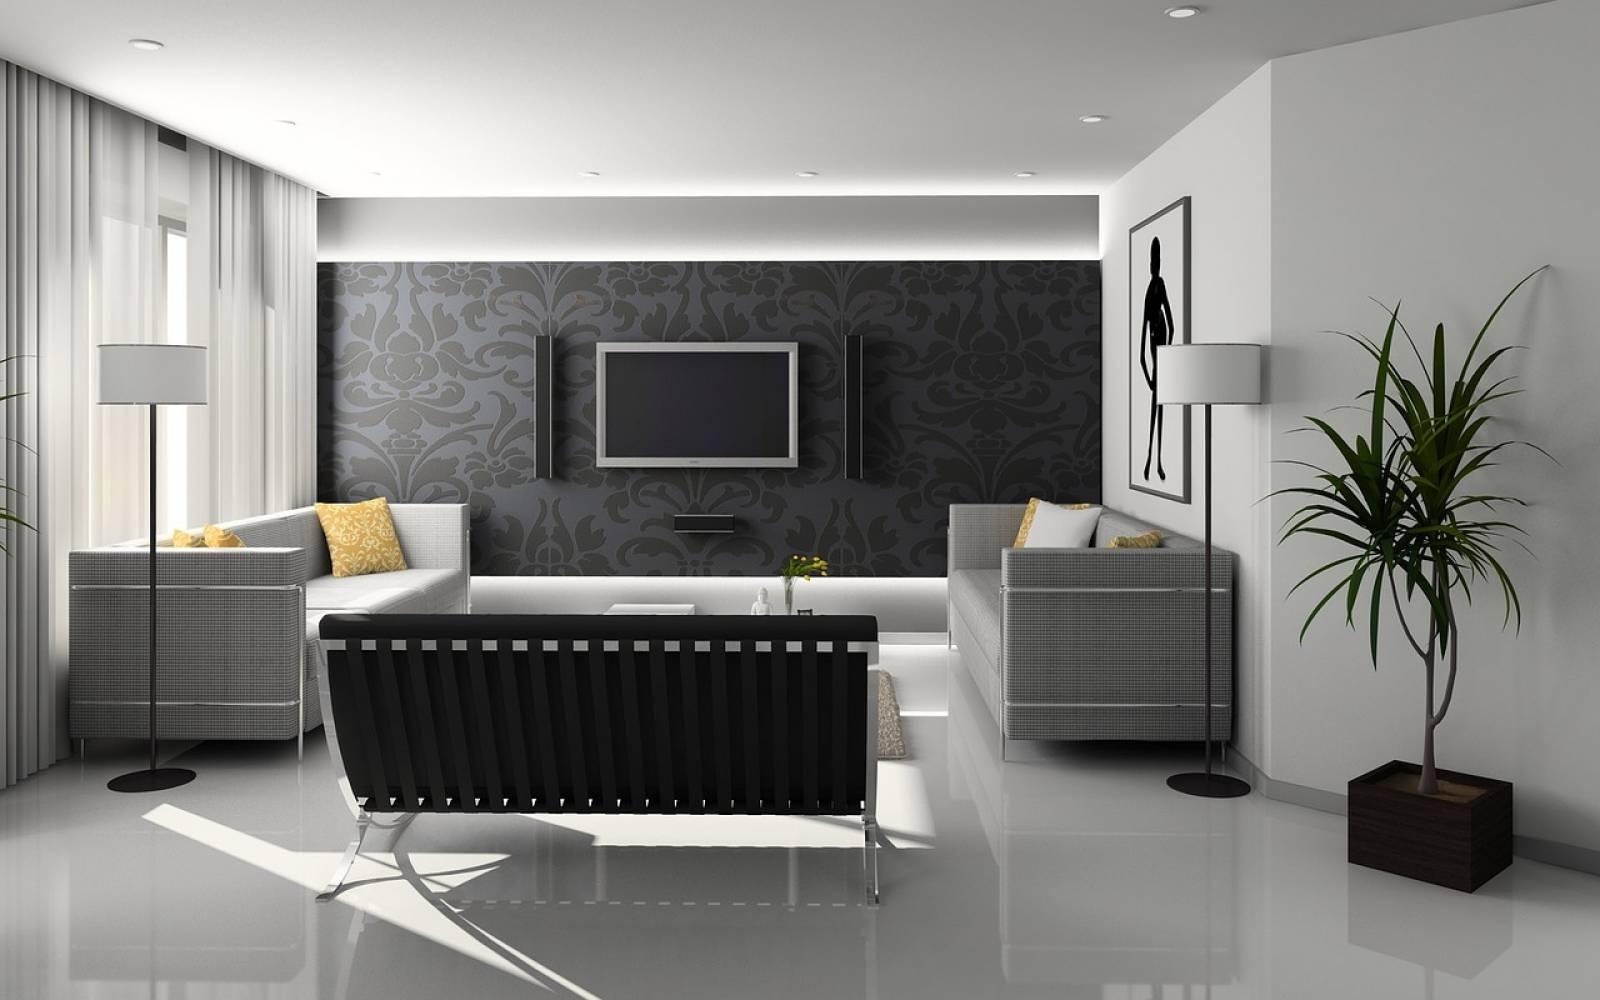 plan aménagement appartement t3 en ligne - conception de plans d